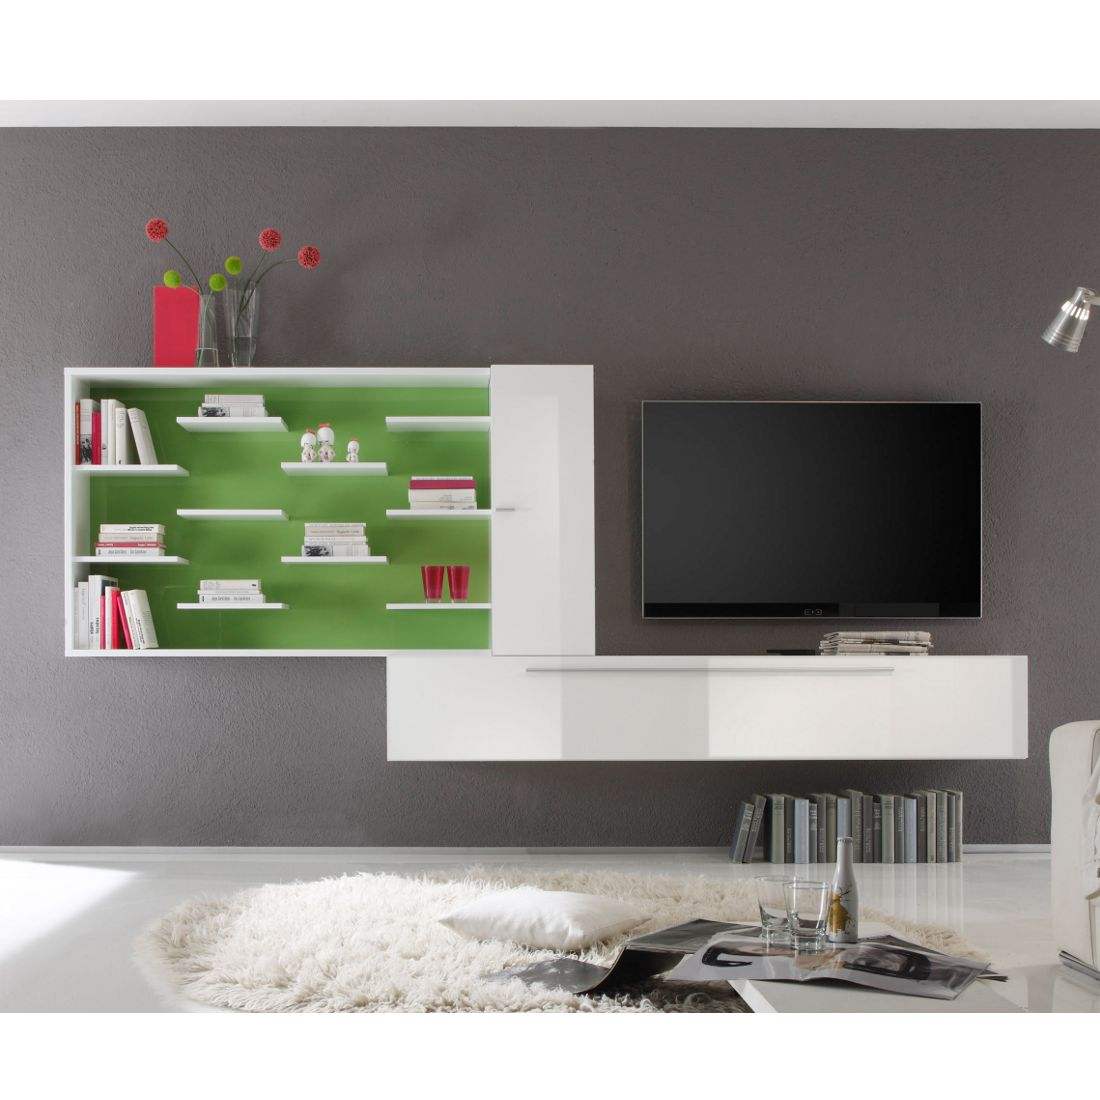 Wohnwand Coloret Weiß/Grün – Hochglanz, GMO bestellen